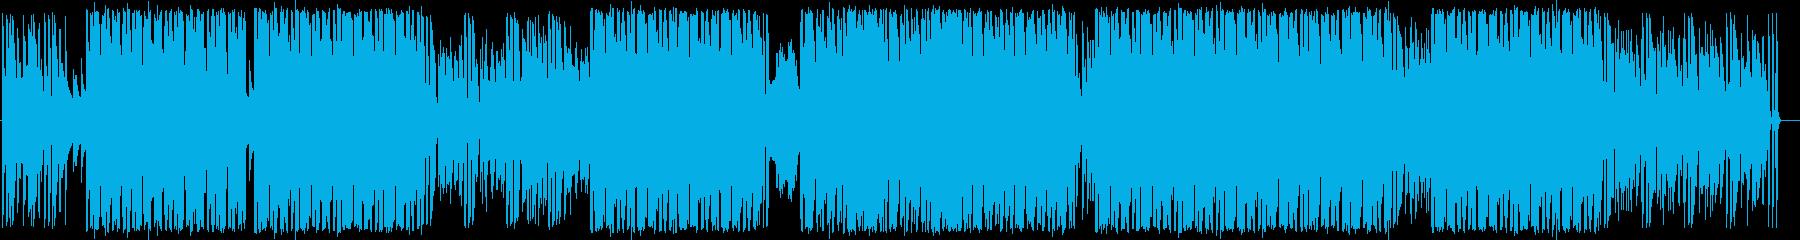 ヒップホップのようなファンキーなダ...の再生済みの波形